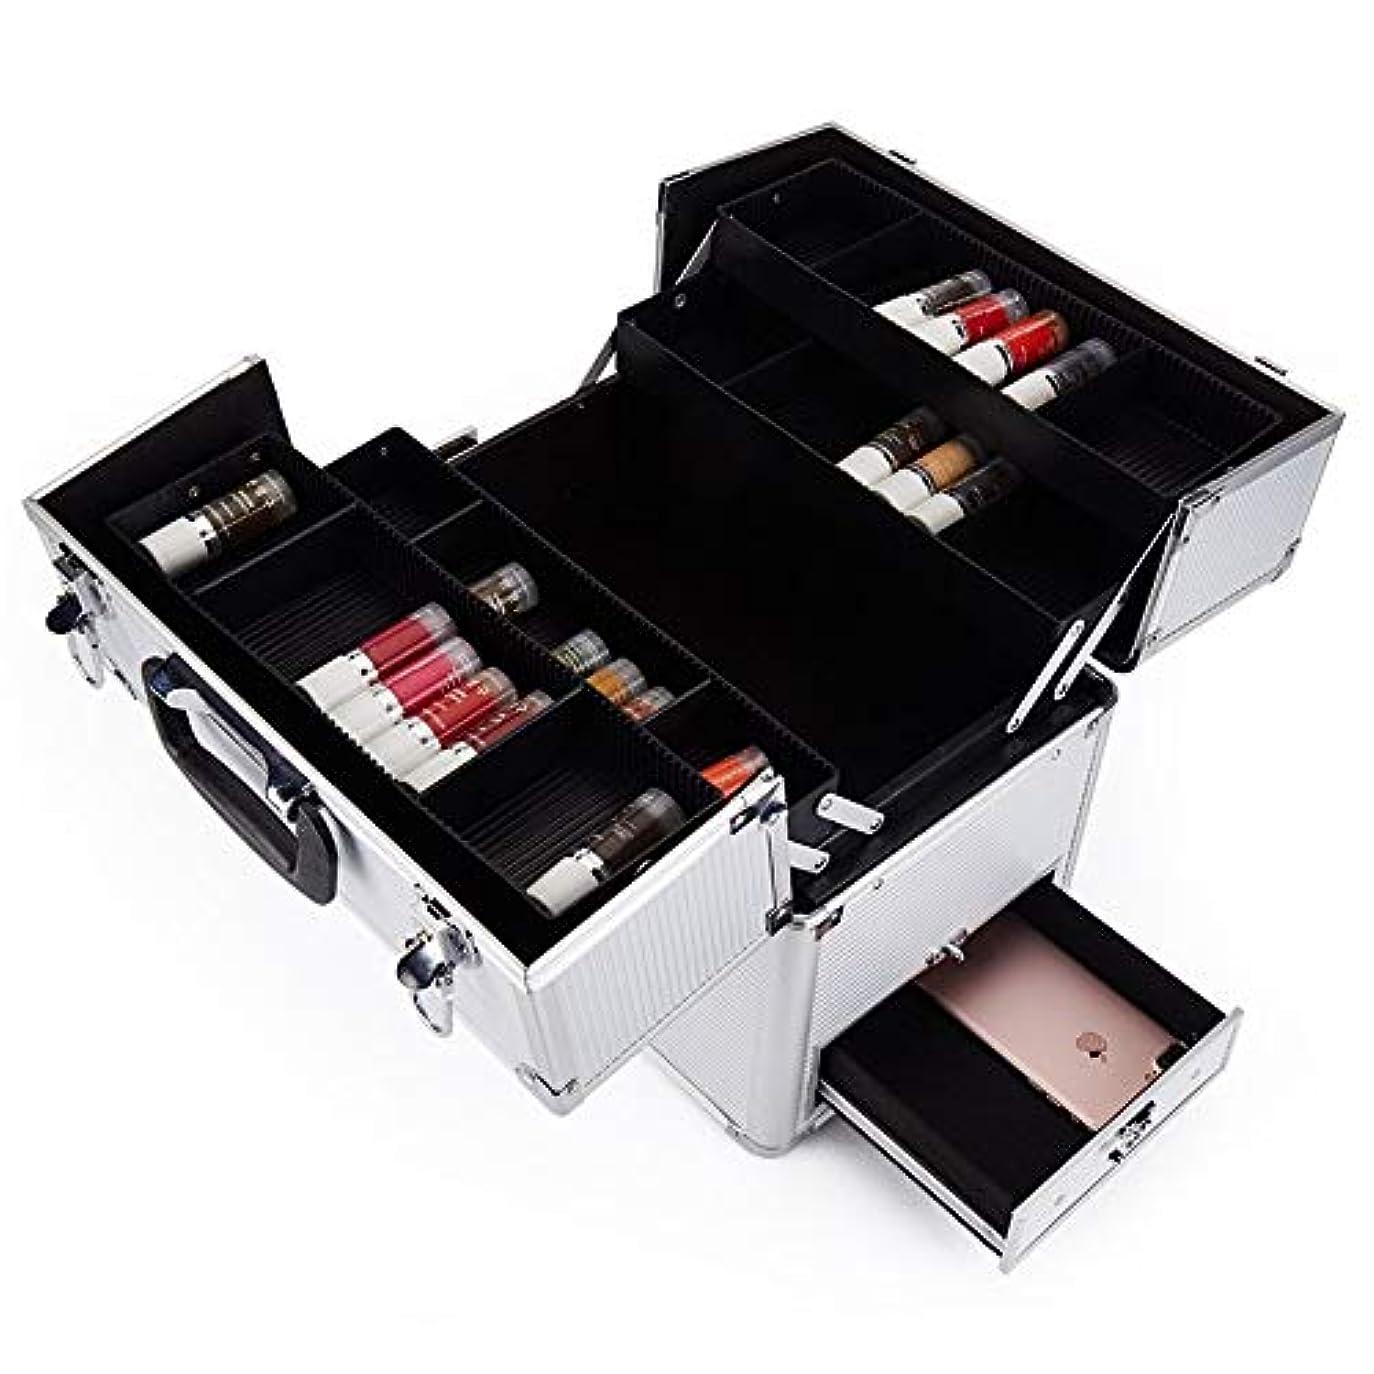 気難しい血統学者化粧オーガナイザーバッグ 多機能旅行メイクアップバッグパターンメイクアップアーティストケーストレインボックス化粧品オーガナイザー収納ボックス 化粧品ケース